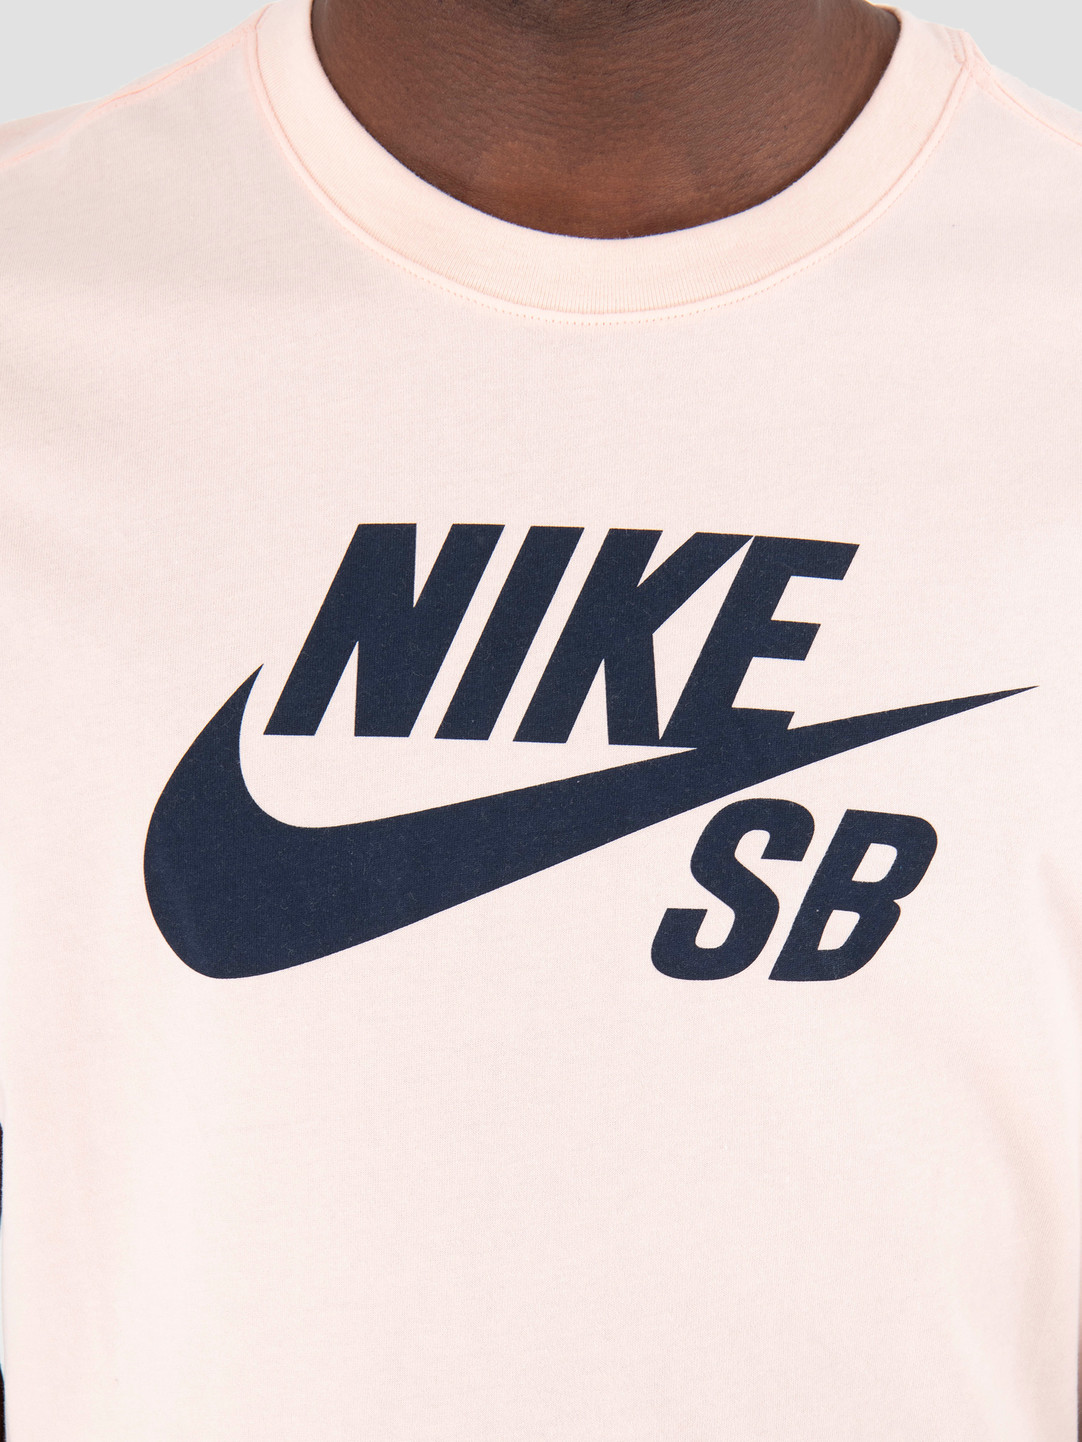 Nike Nike SB Dry T-Shirt Defect Logo Washed Coral Obsidian AR209-664